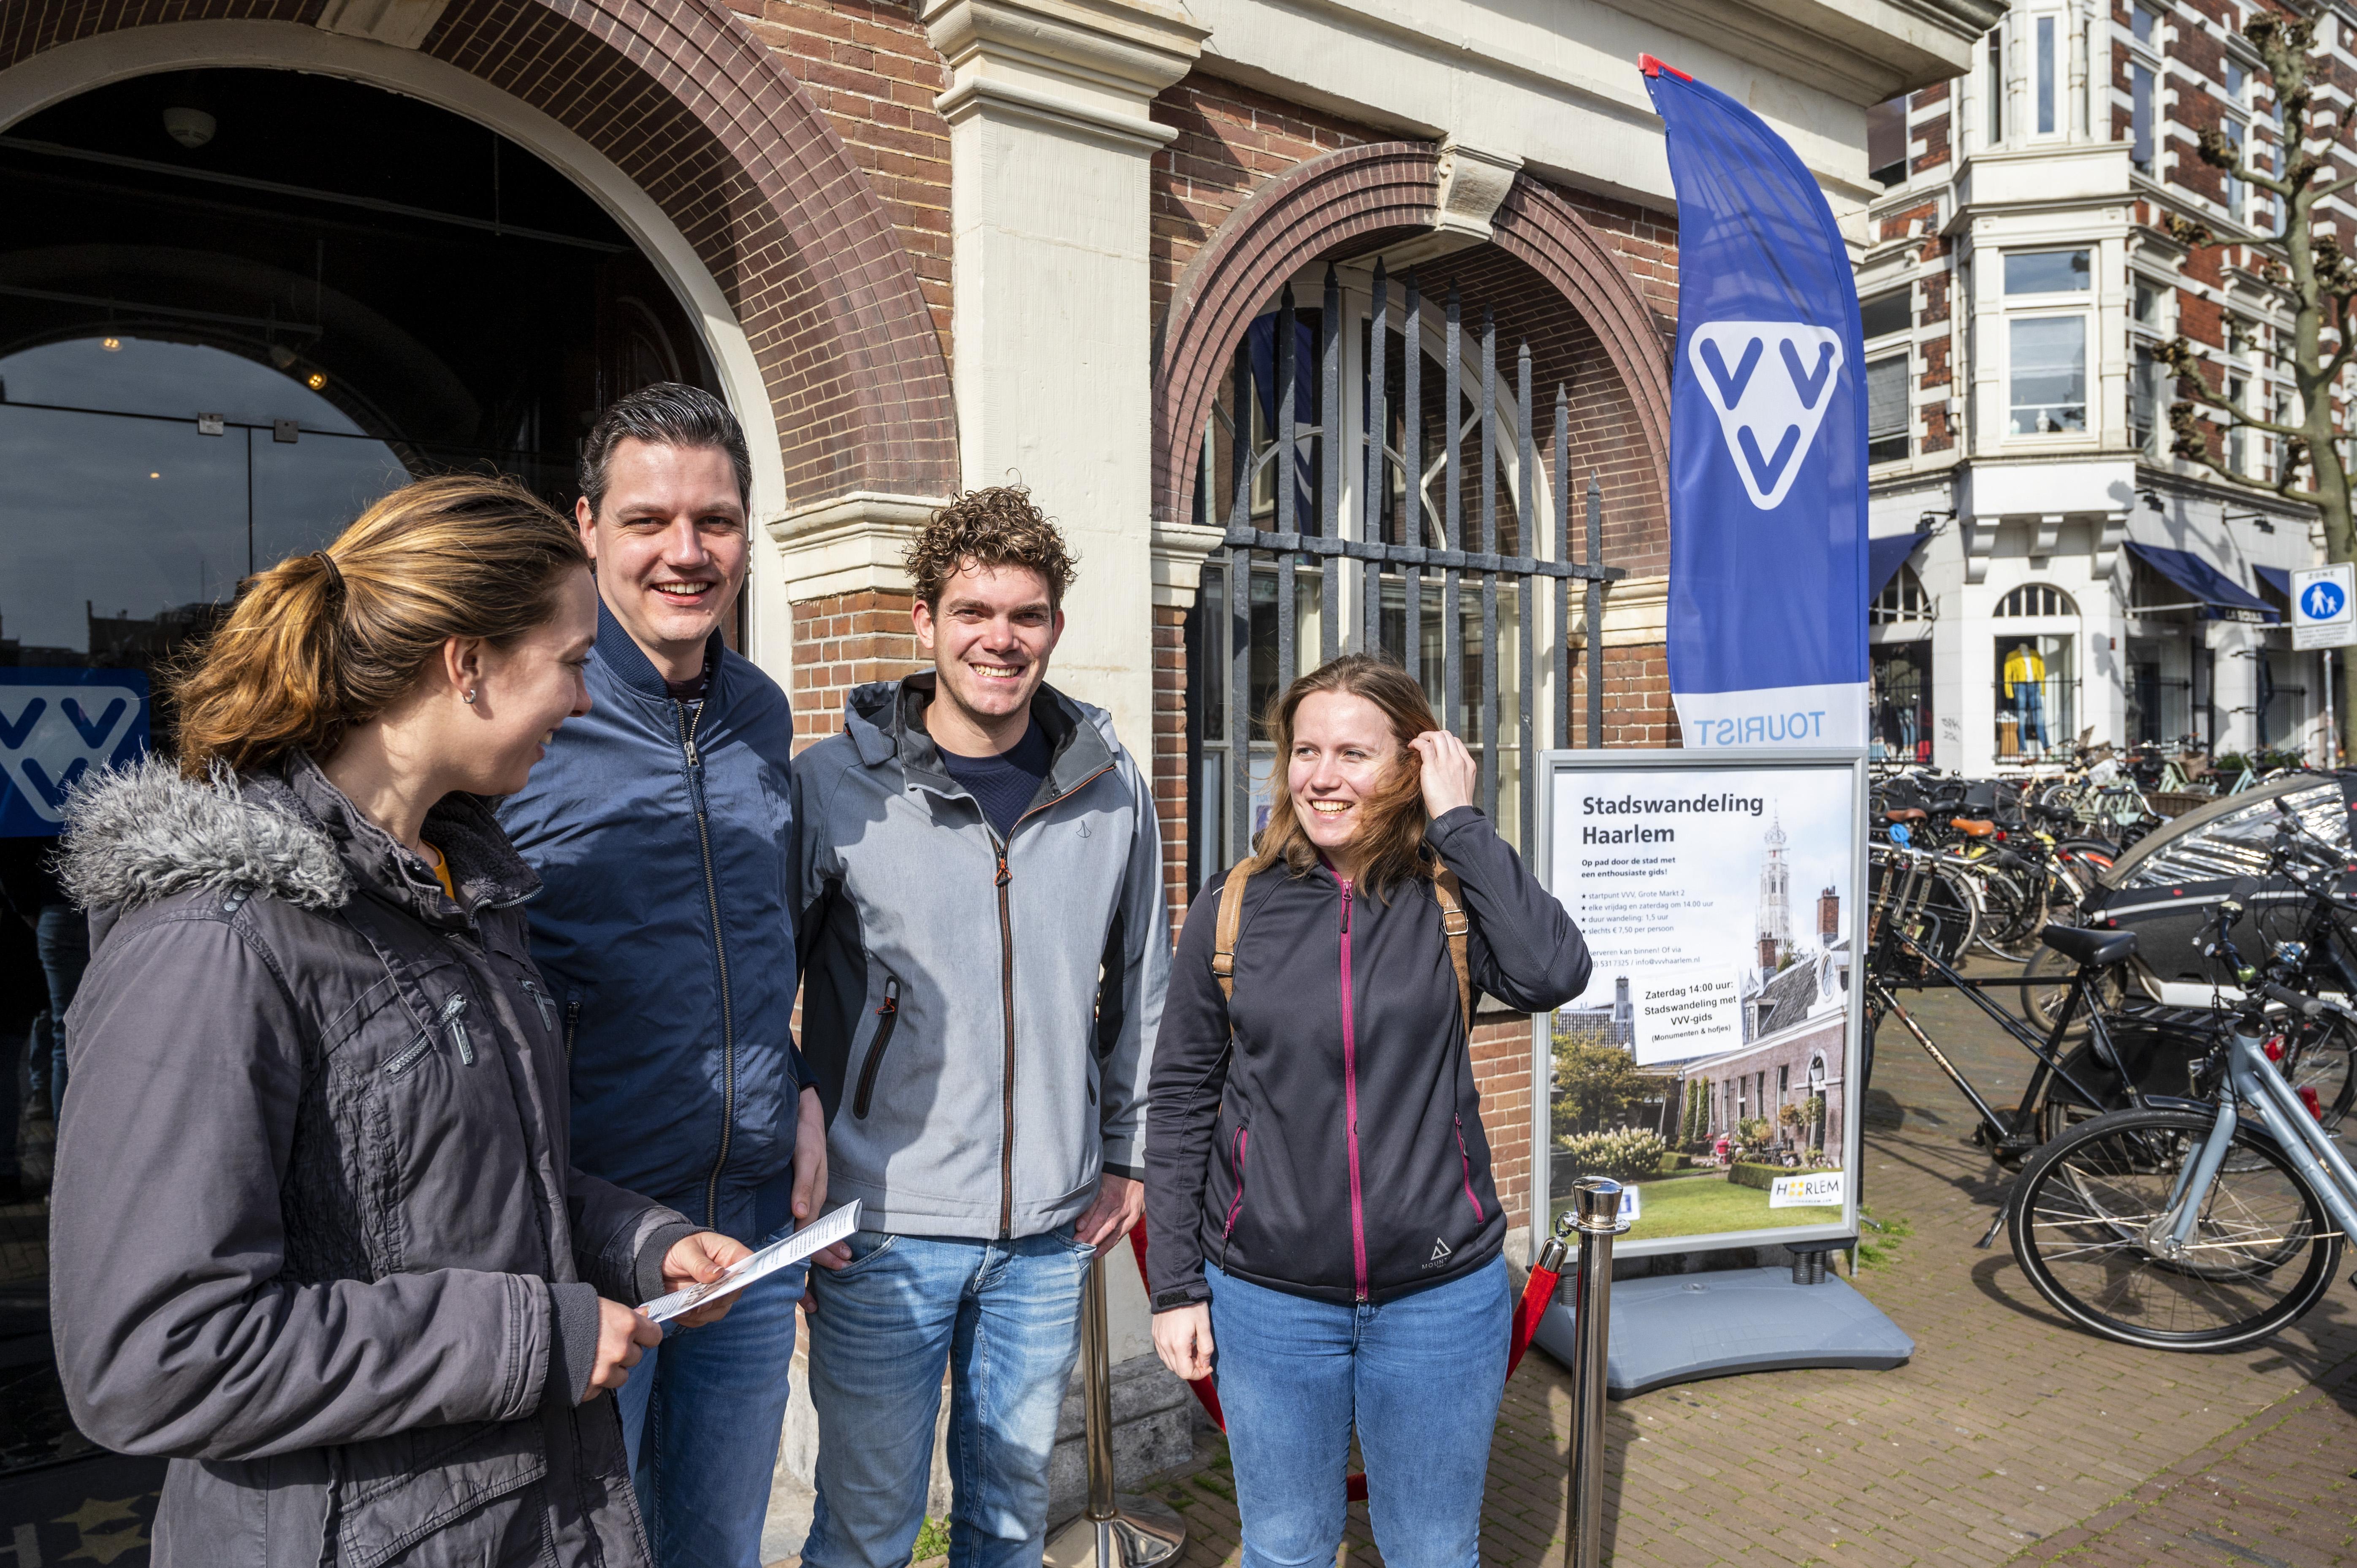 Toeristen vermaken zich in Haarlem mondjesmaat